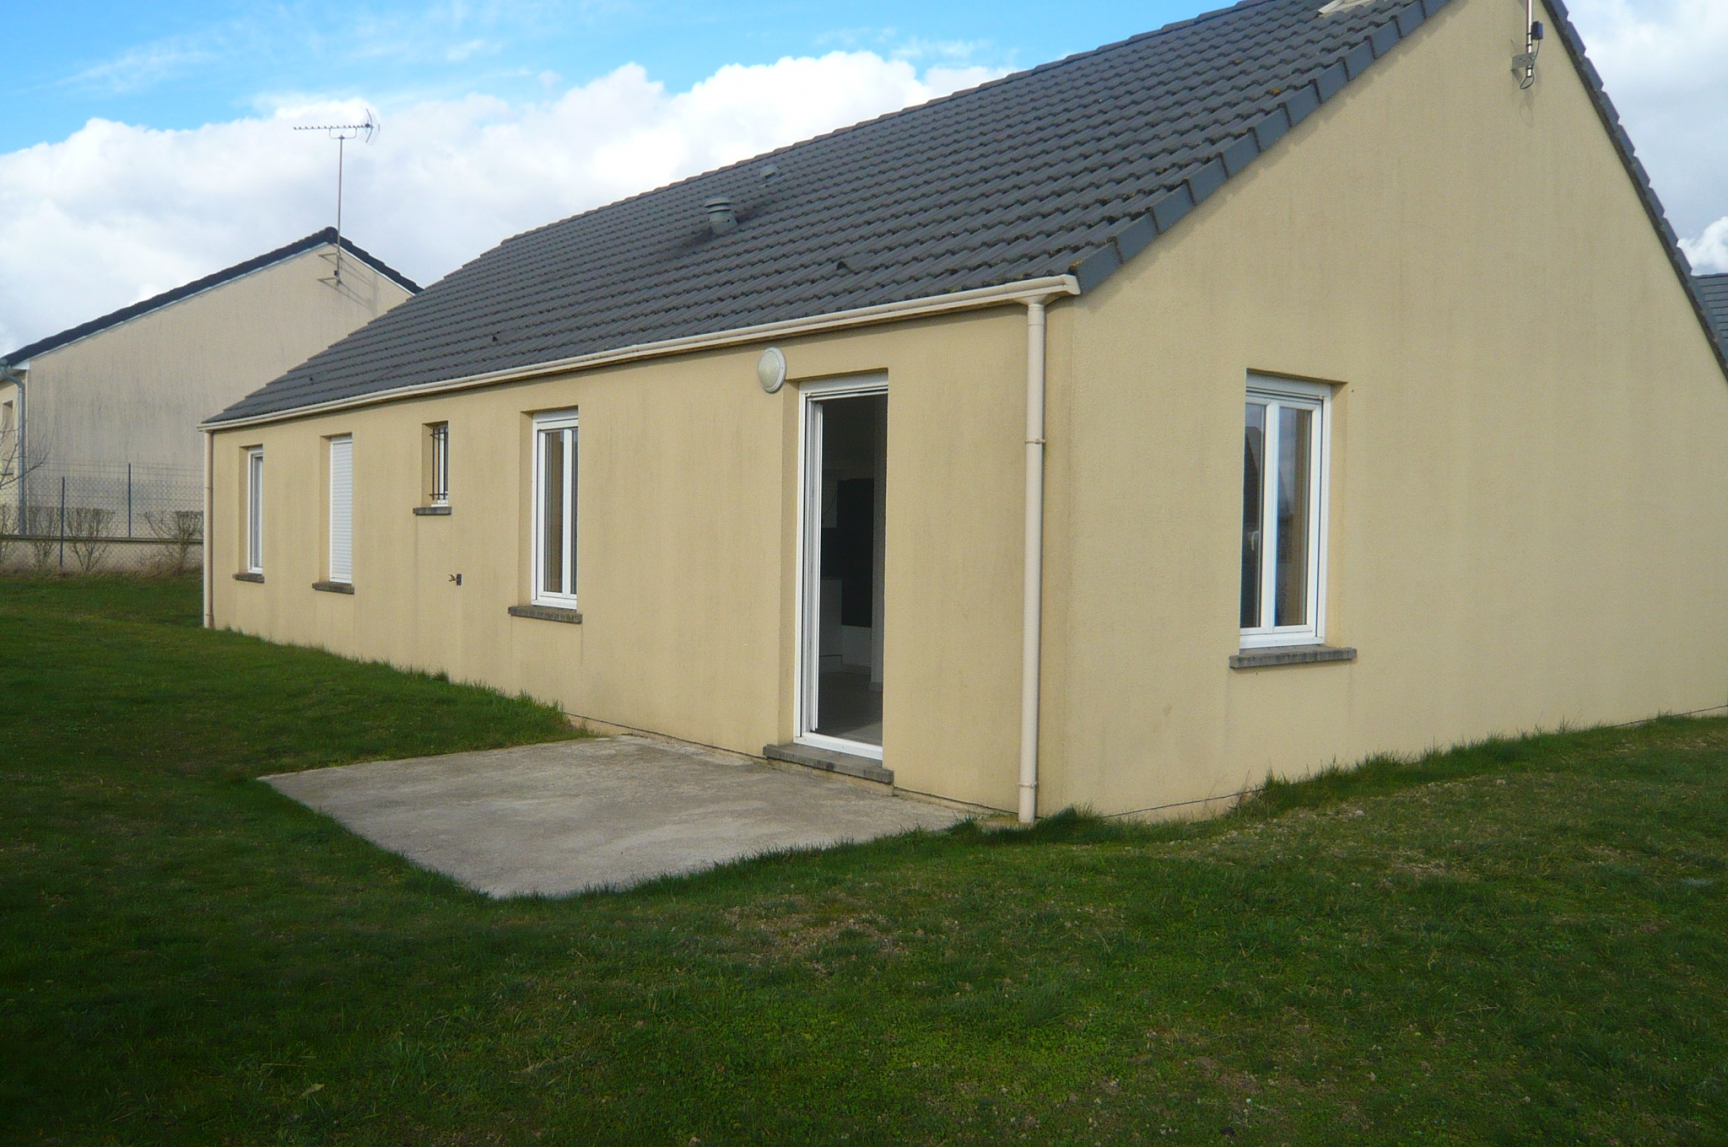 Maison 6 pièces 104 m2 Châlons-en-Champagne